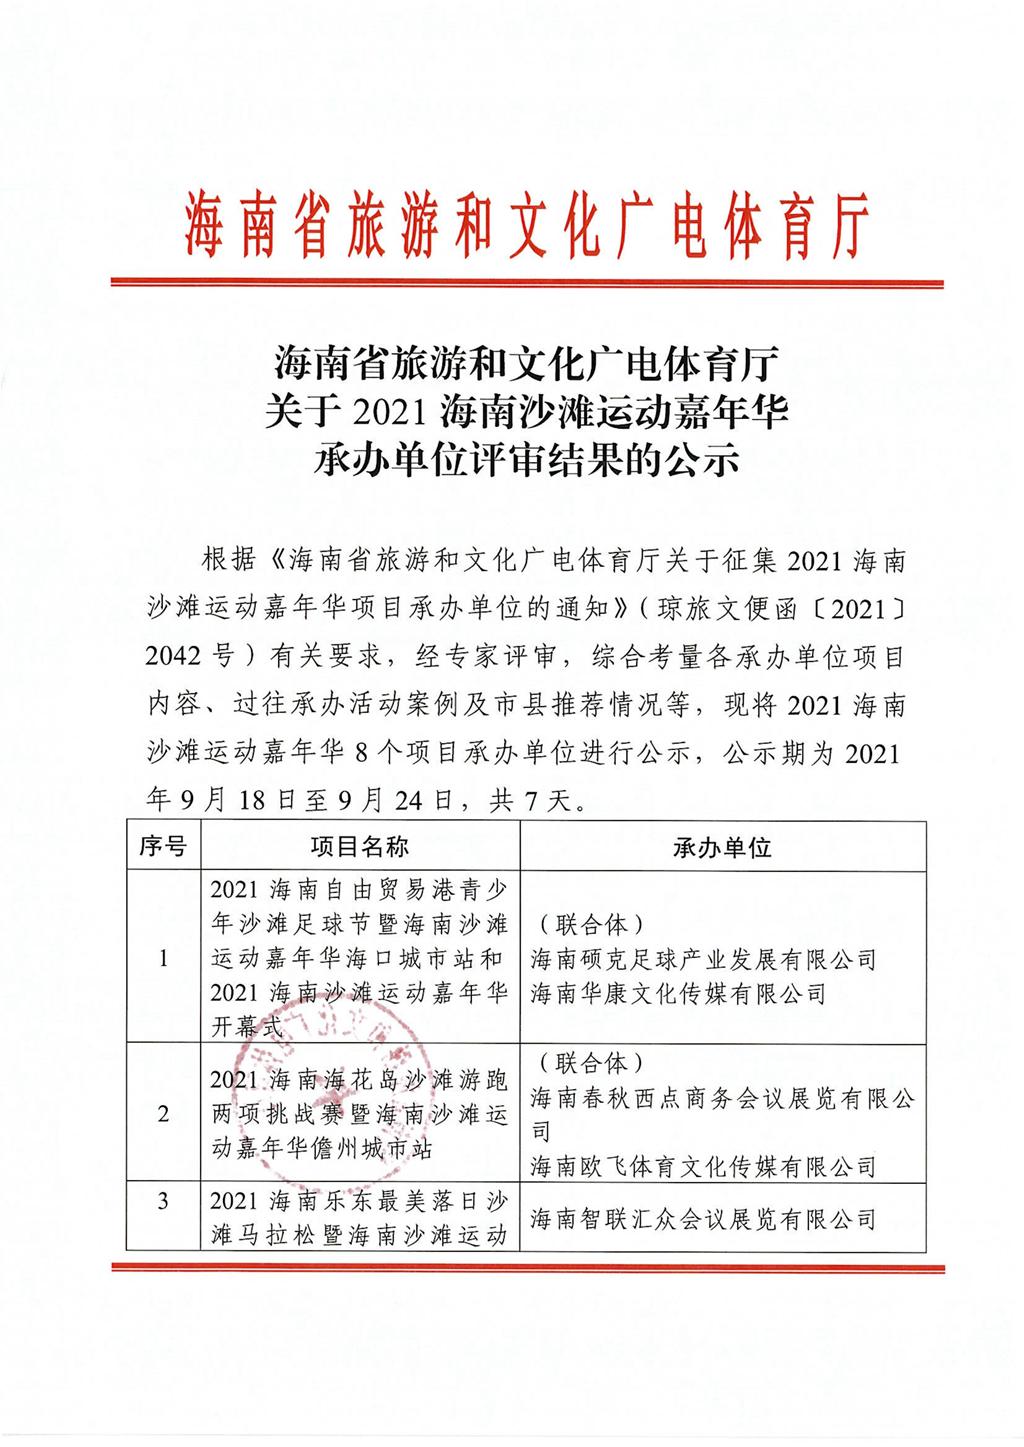 海南省旅文厅公示2021海南沙滩运动嘉年华承办单位评估结果